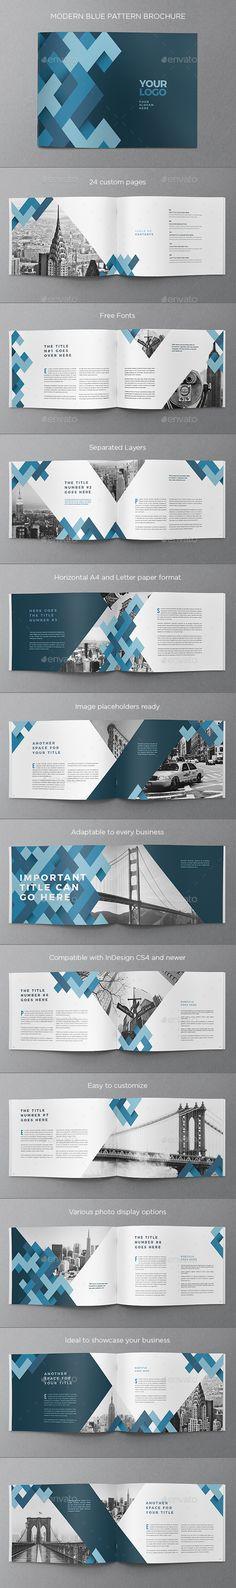 Modern Blue Pattern Brochure Template InDesign INDD